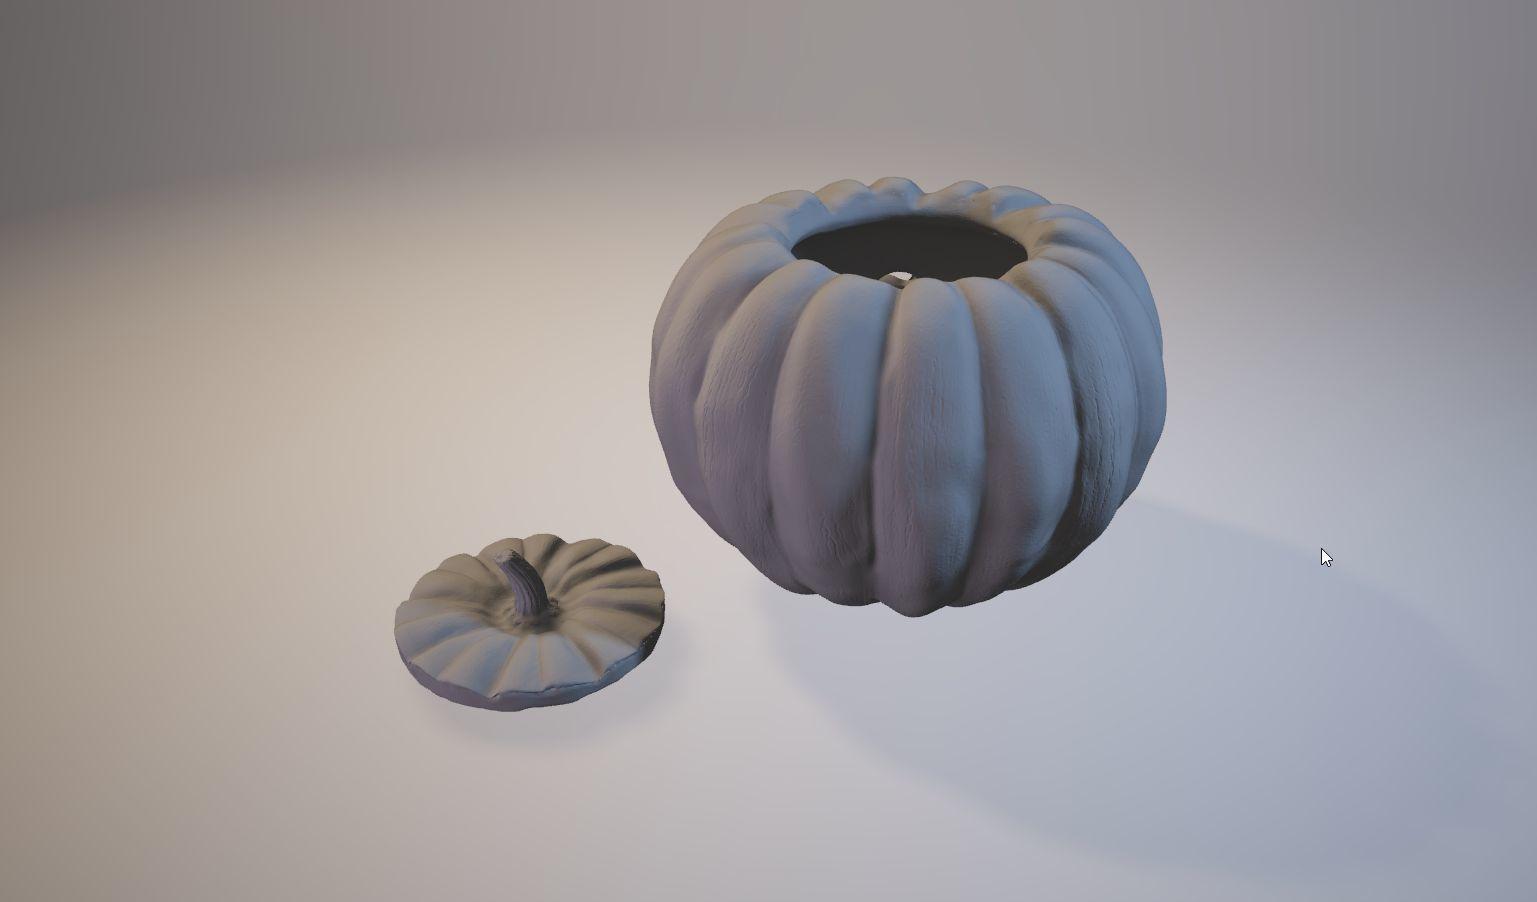 Jack_06.jpg Download OBJ file Jack • 3D printing object, MWopus